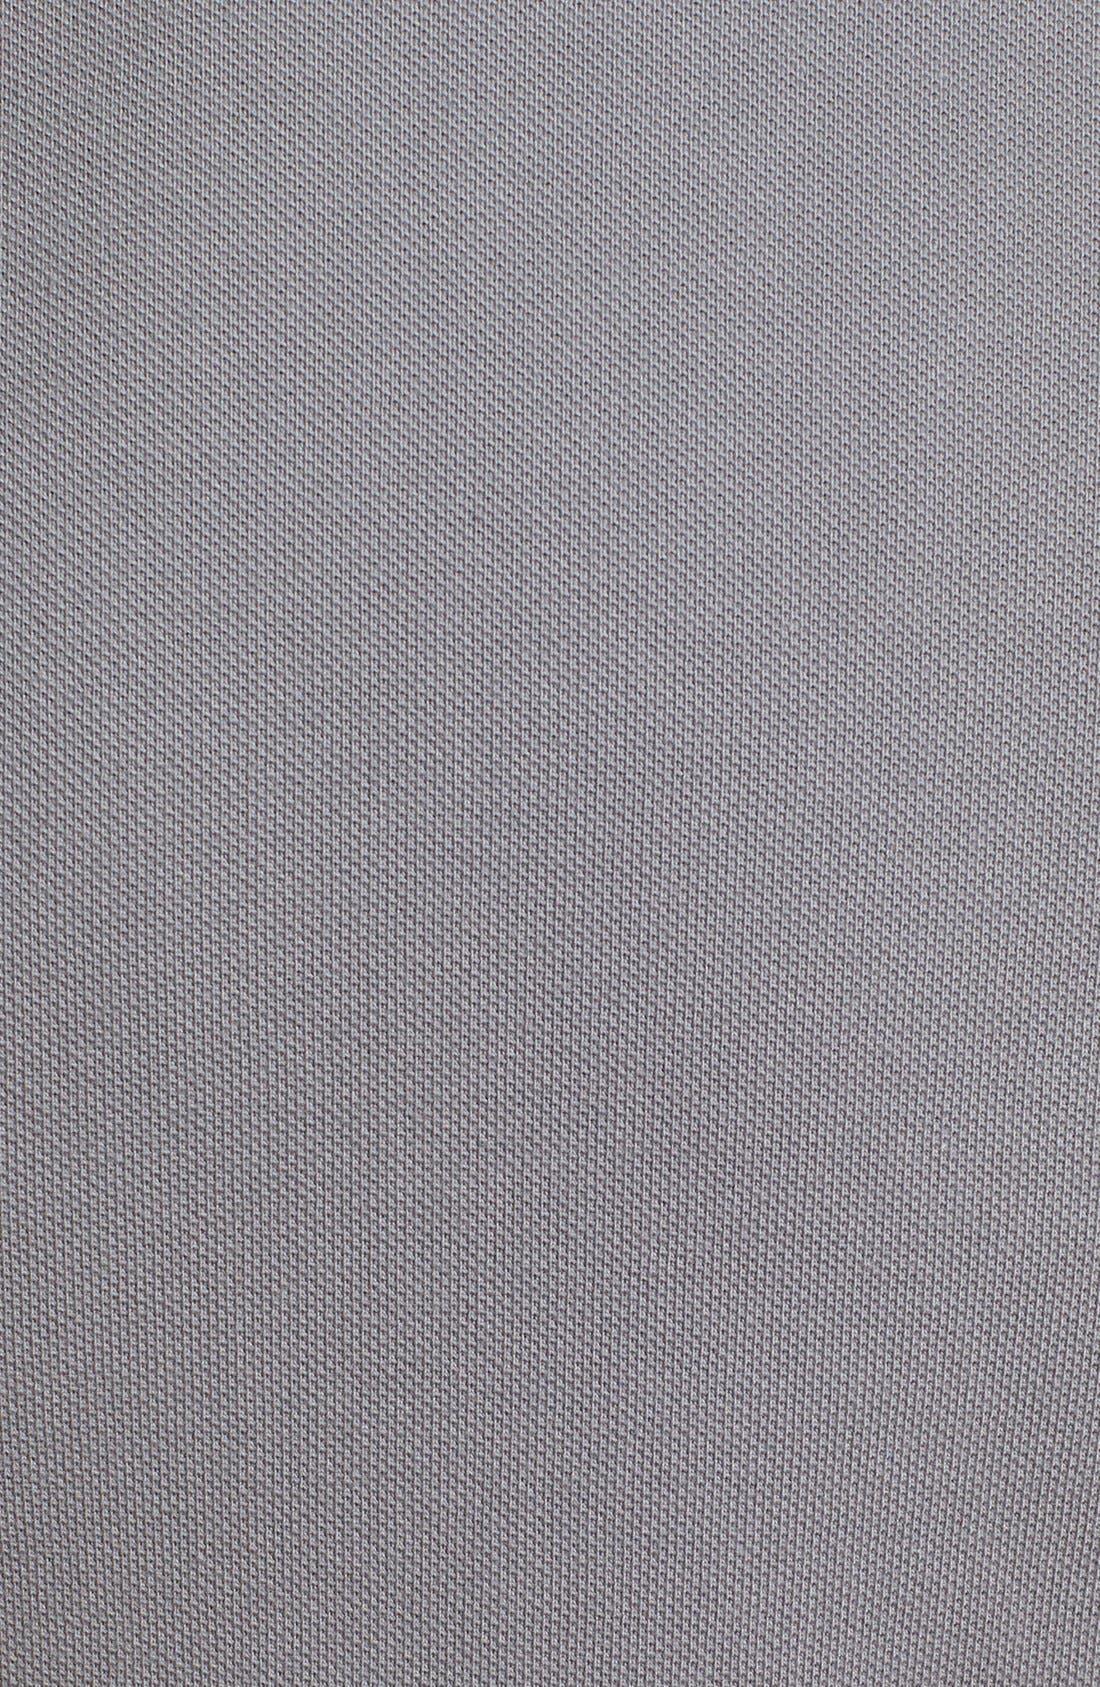 Alternate Image 3  - Polo Ralph Lauren Custom Fit Mesh Polo